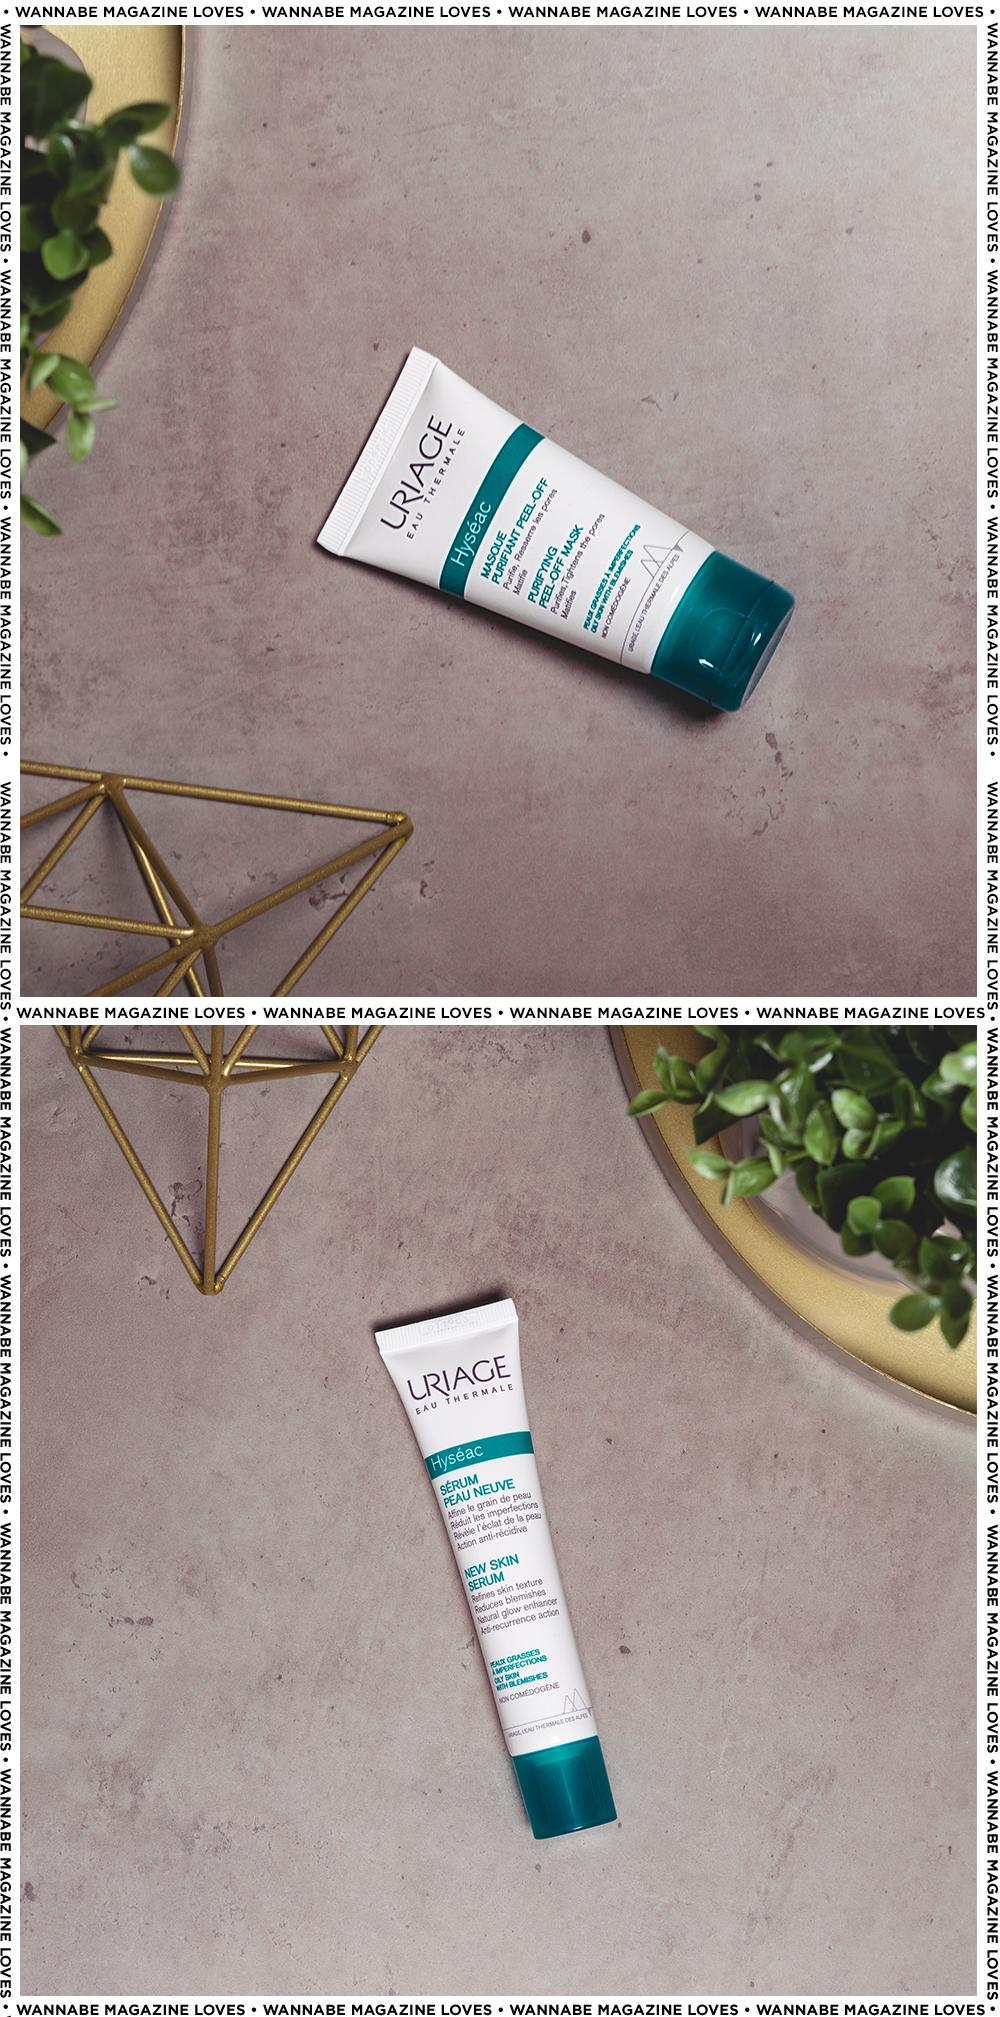 Uriage 3 Spas za masnu i kombinovanu kožu: 4 nova proizvoda za negu koje ćeš obožavati!